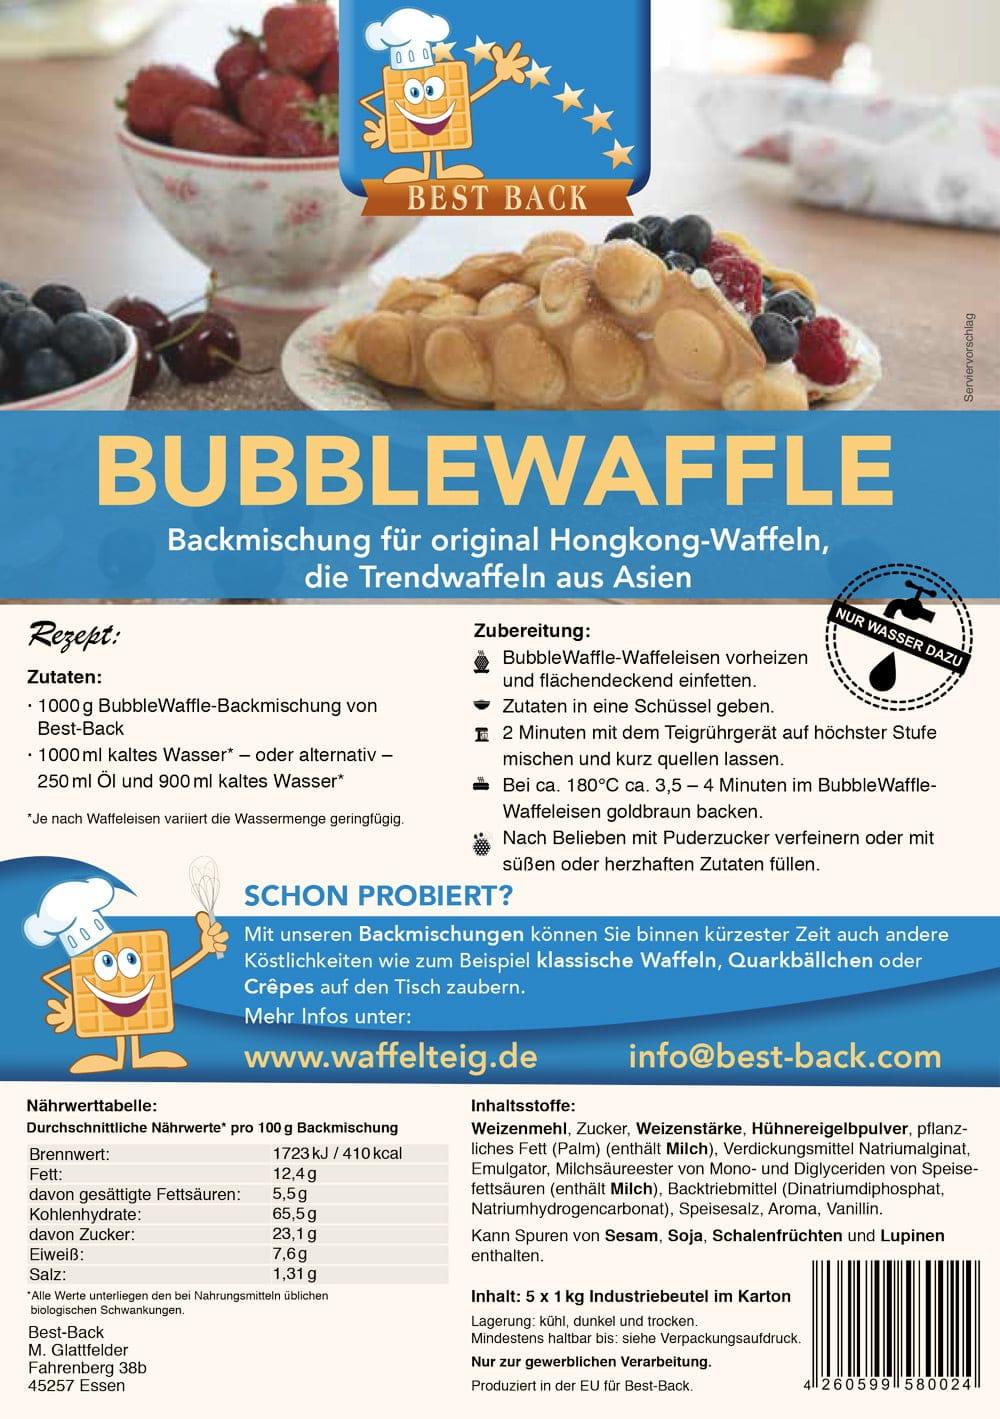 Label Bubblewaffle - Best-Back Vertrieb - einfach, schnell & vielfältig